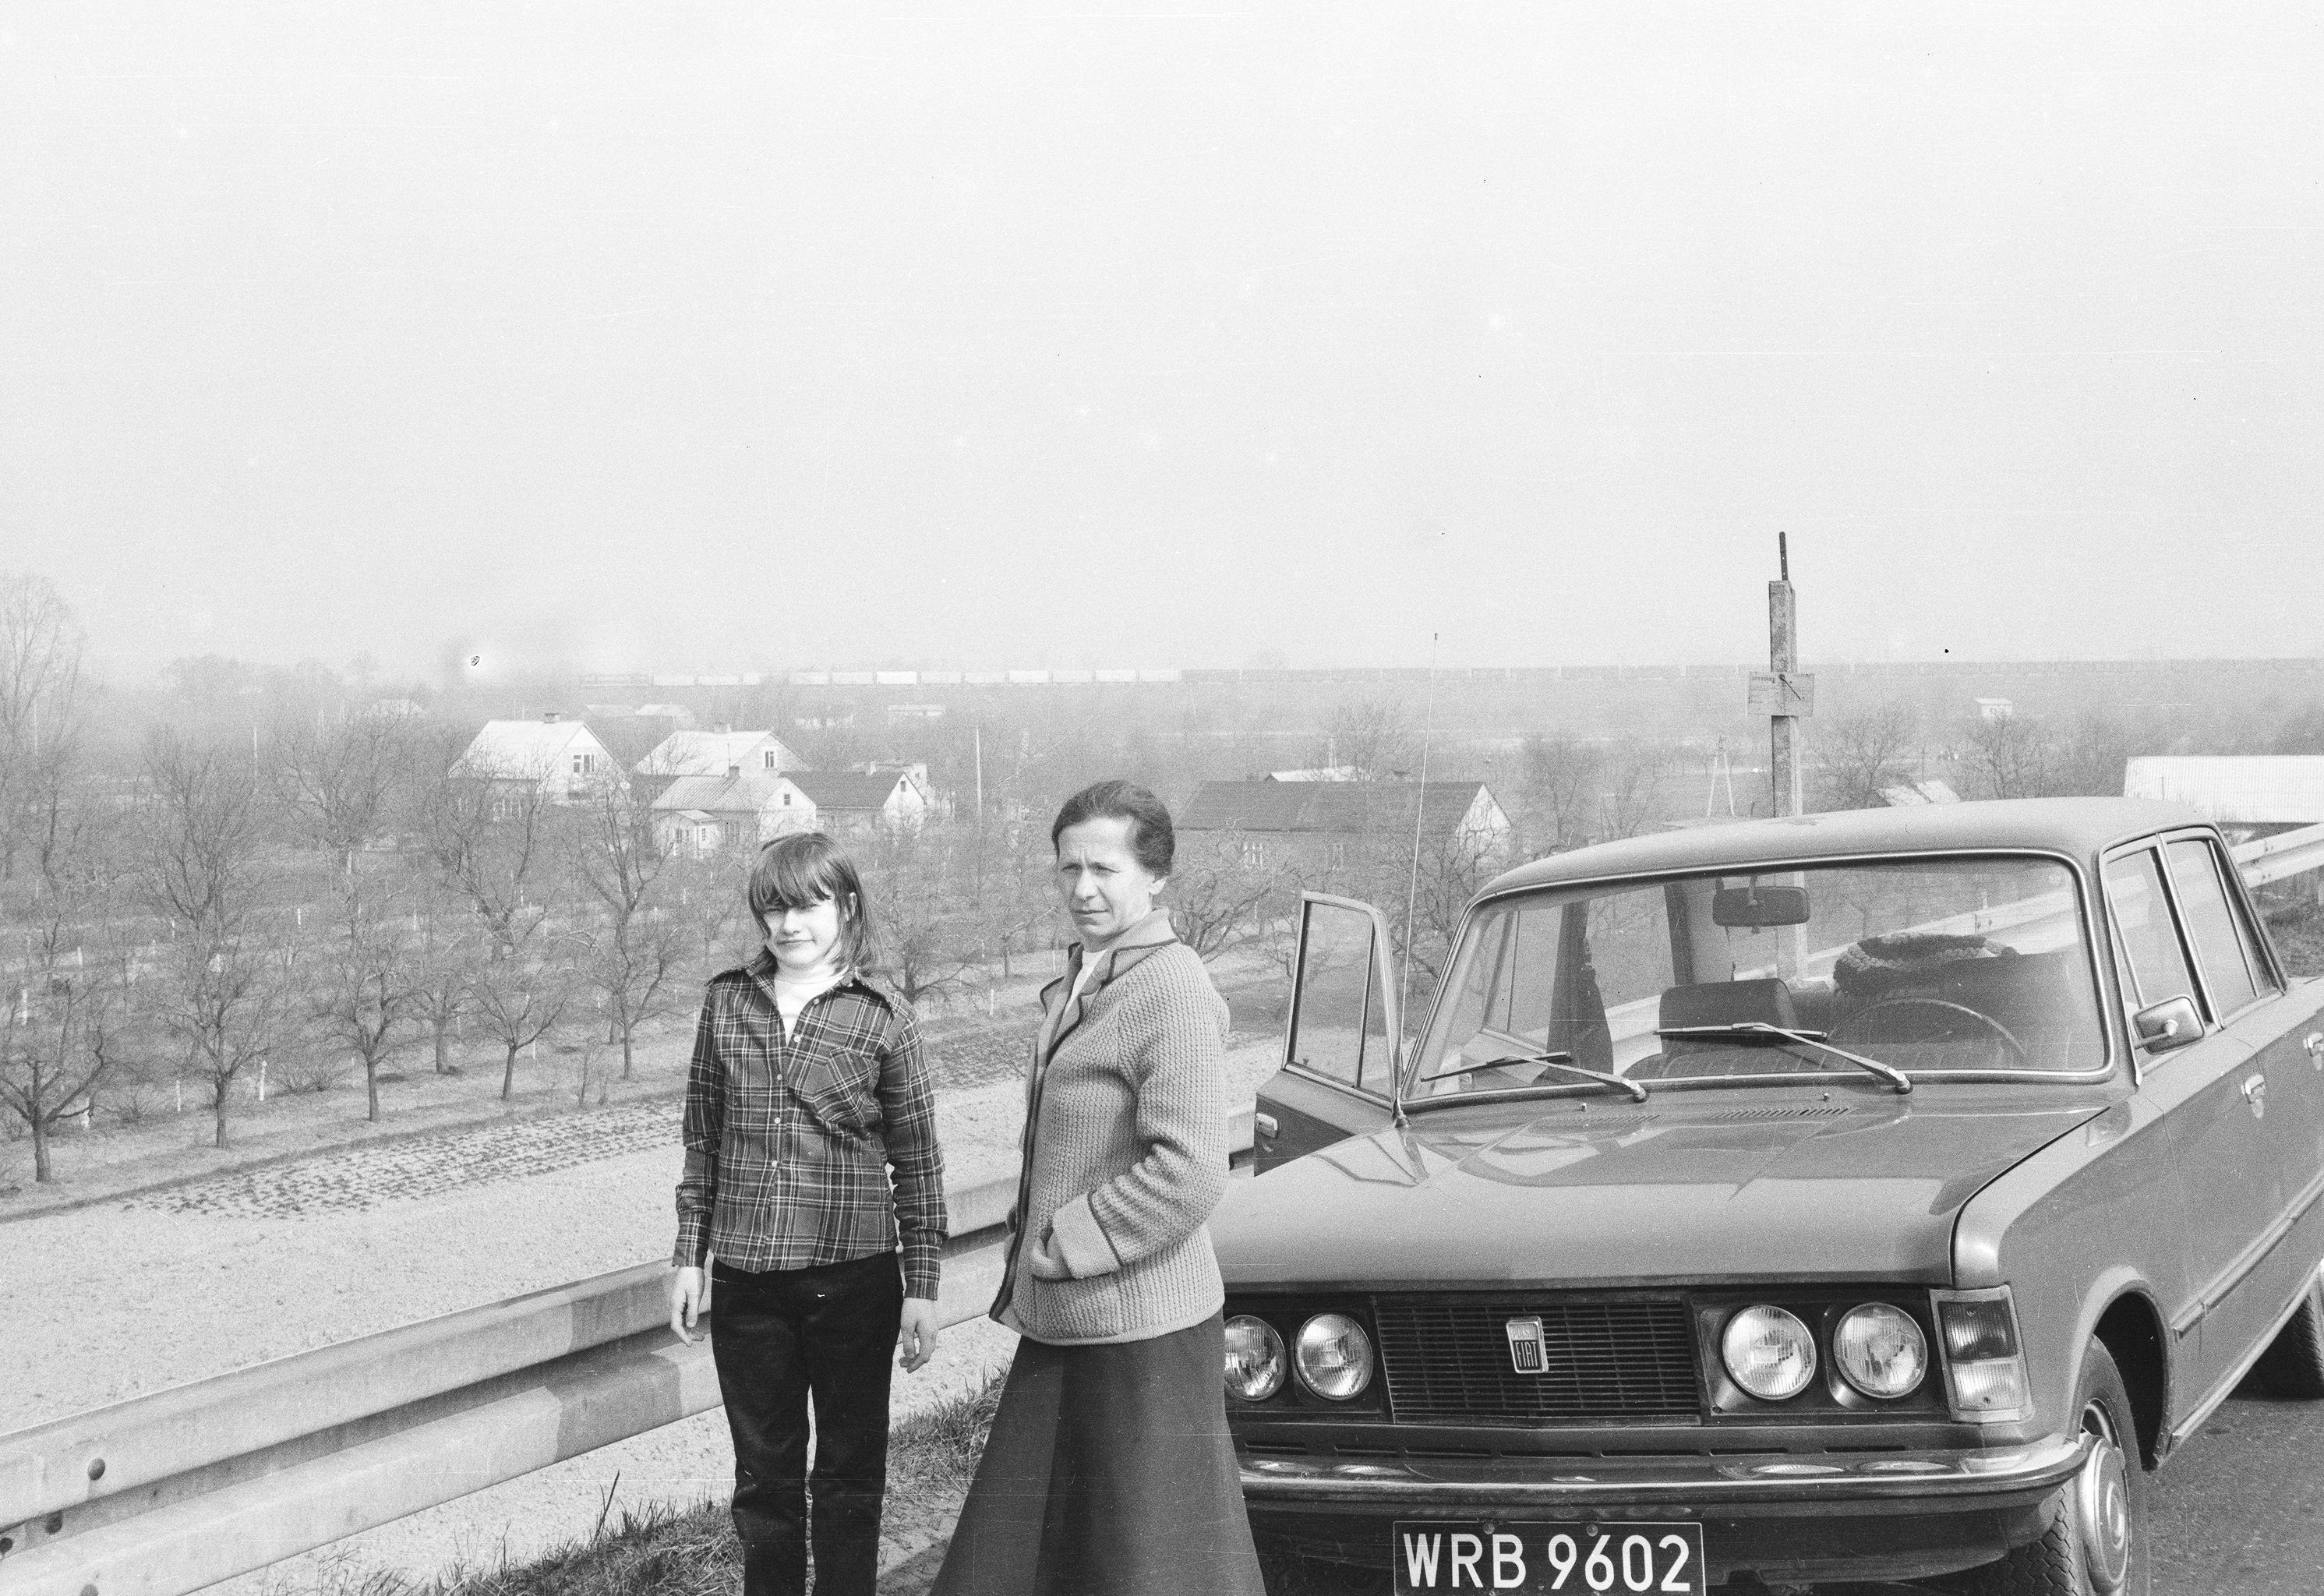 Przystanek w drodze powrotnej ze szpitala w Otwocku, lata 80. XX w.